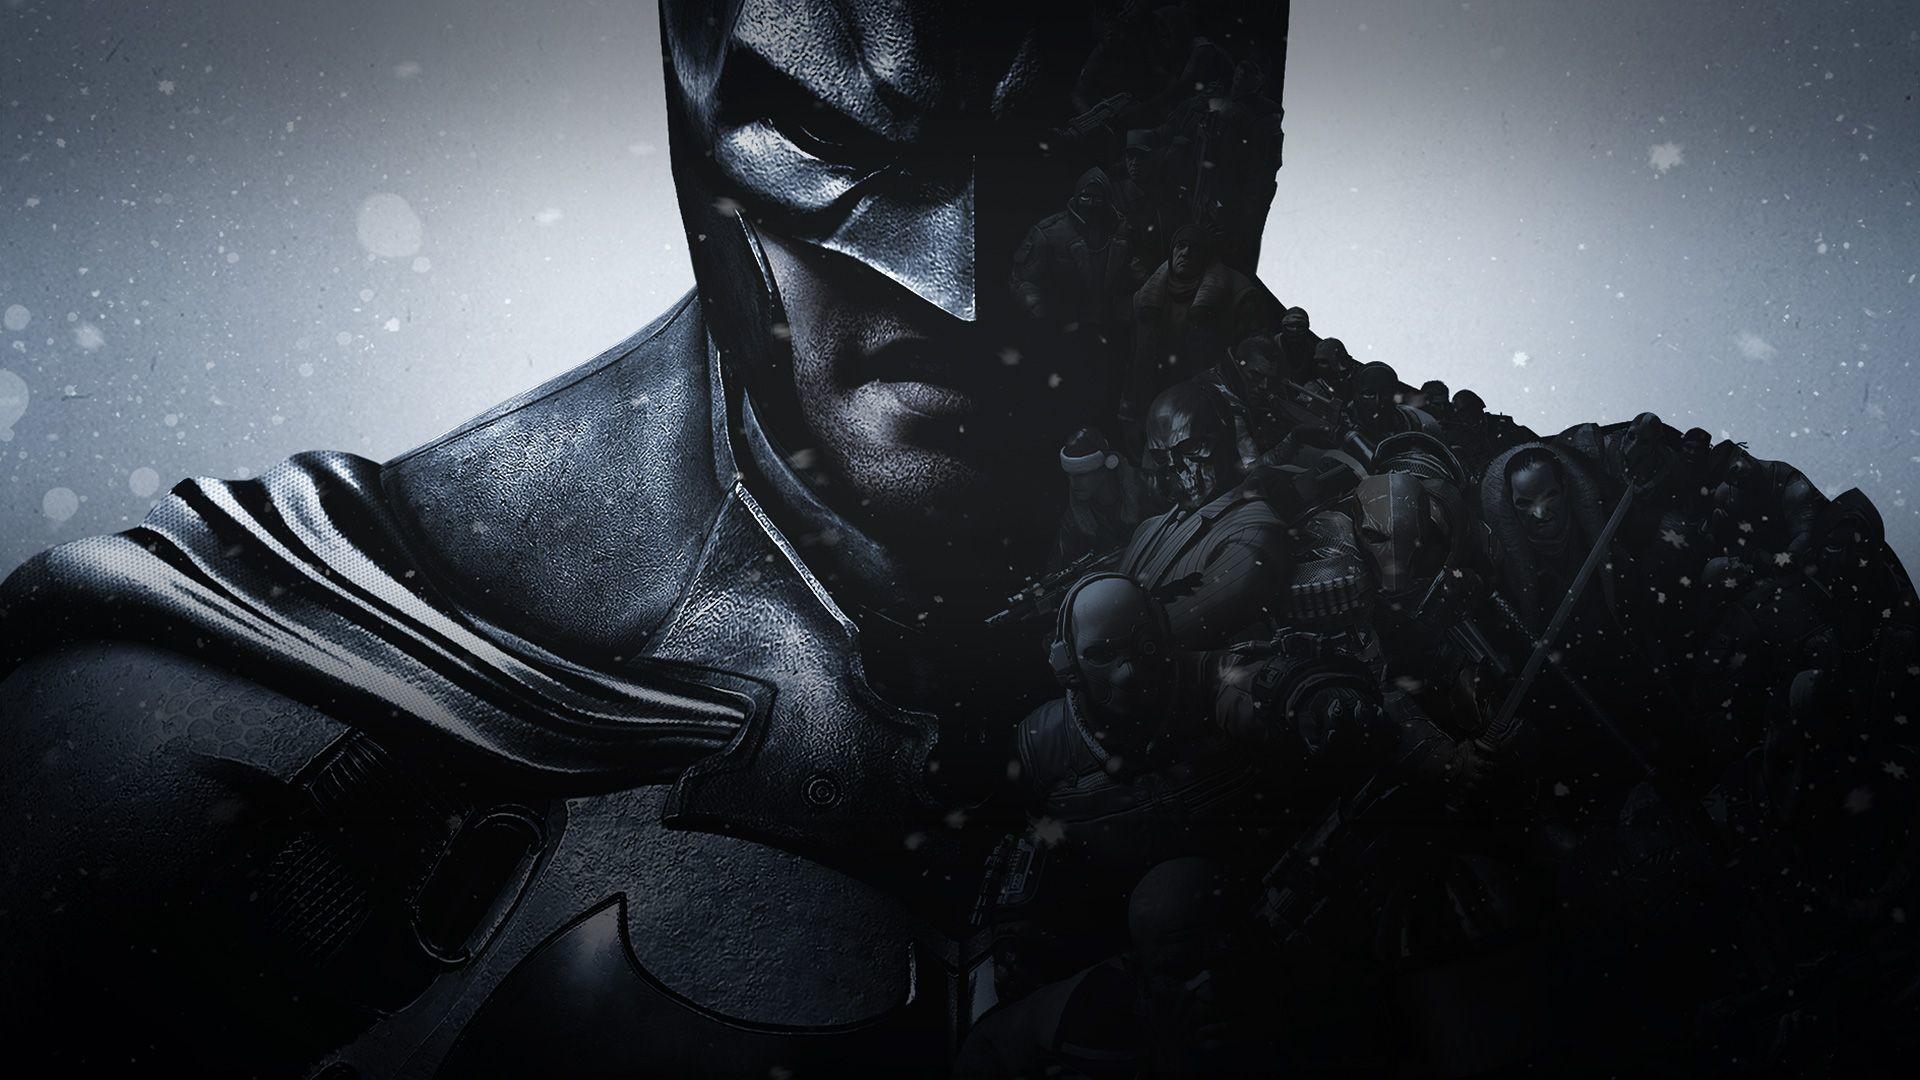 Batman: Arkham Origins HD Wallpaper 1920×1080